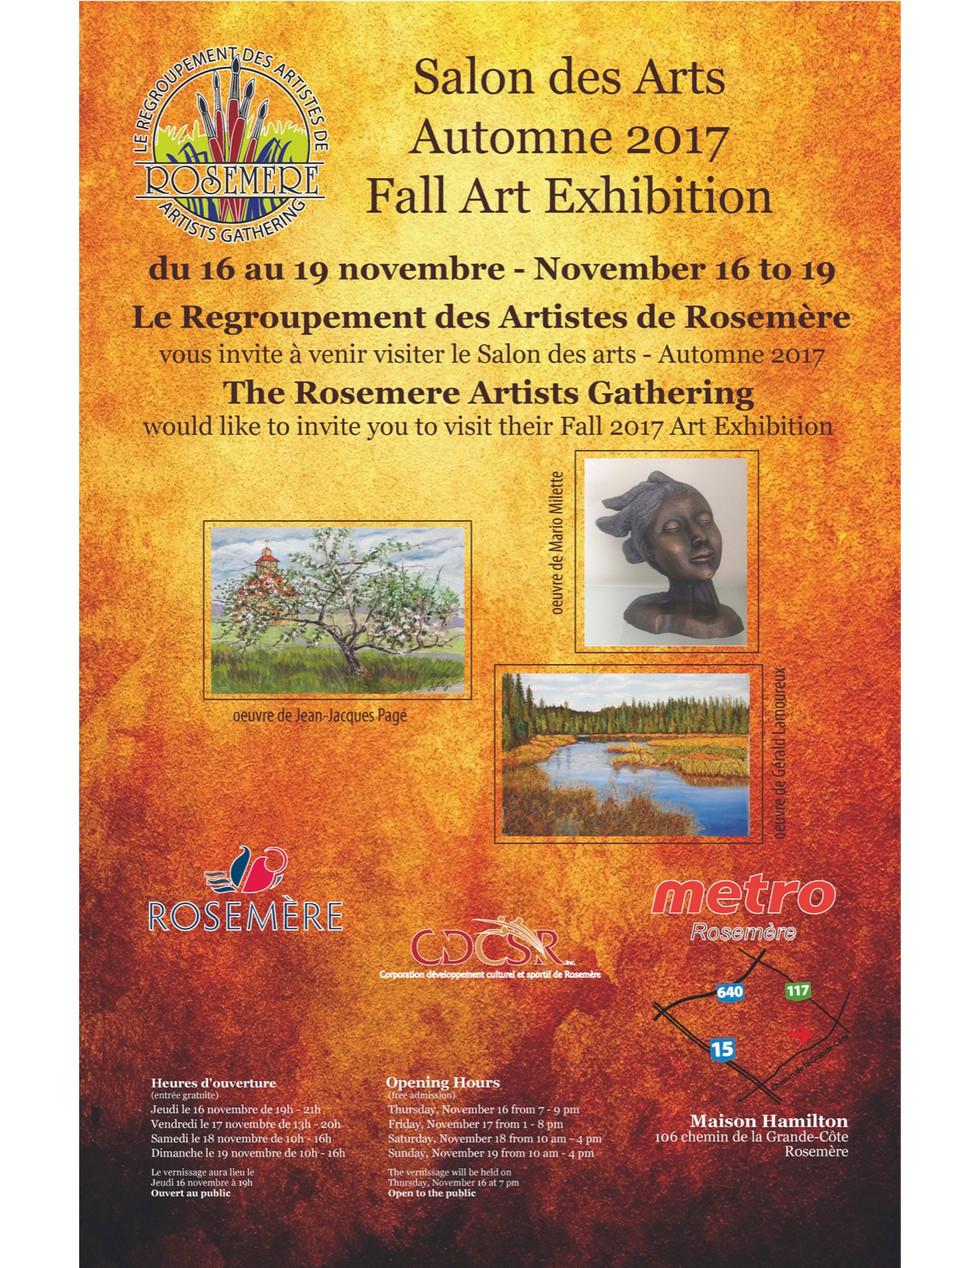 Salon des arts de l'automne 2017